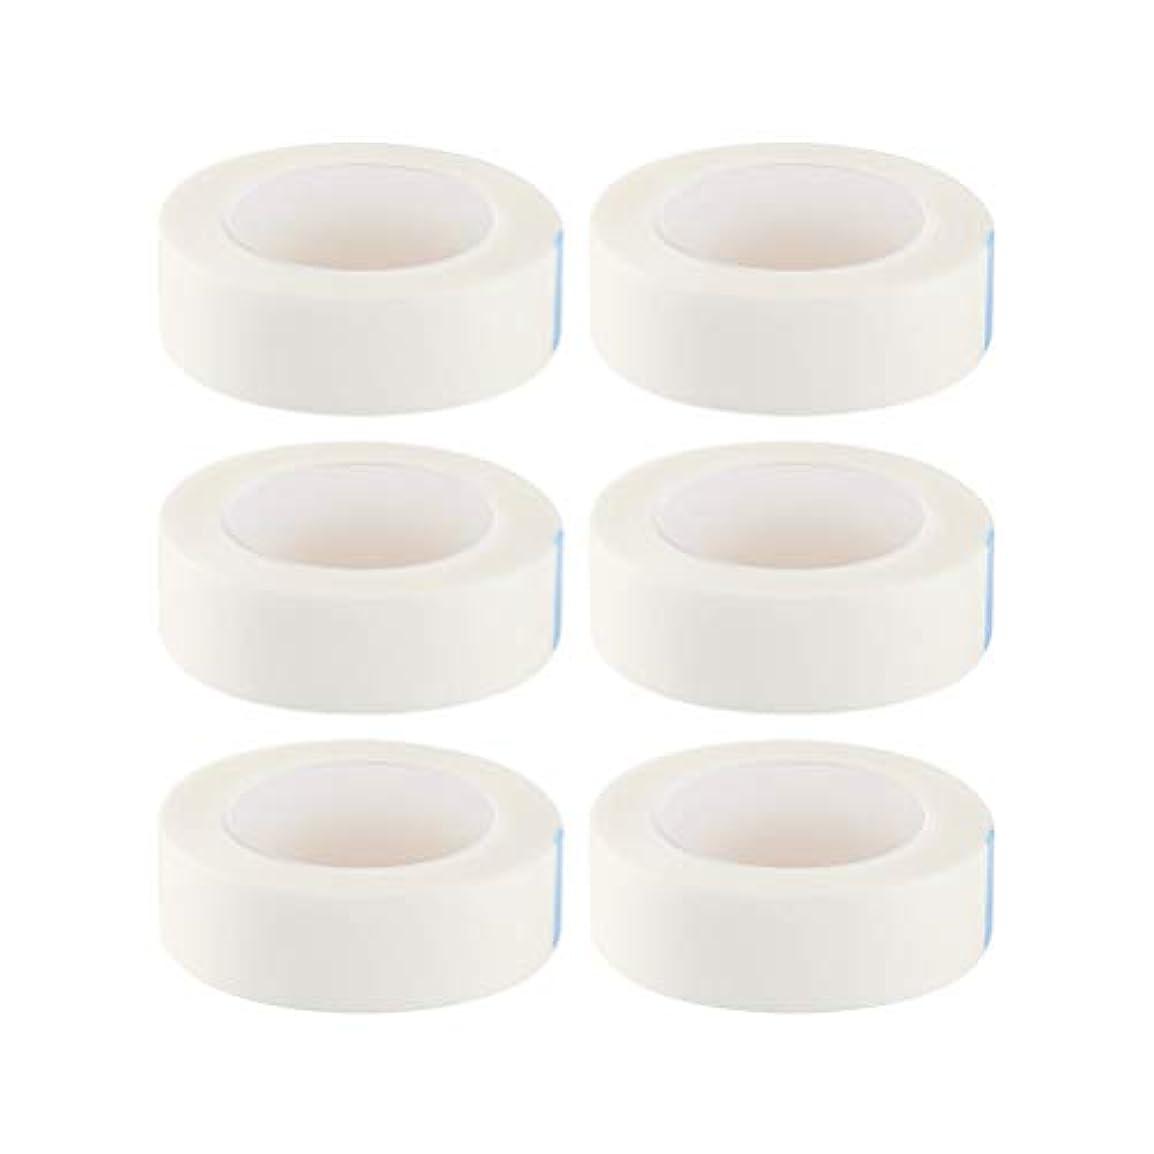 養う車両取り除くSUPVOX 12ロールまつげ絶縁テープまつげラッシュエクステンションテープ不織布医療用テープ医療用テープ(白)